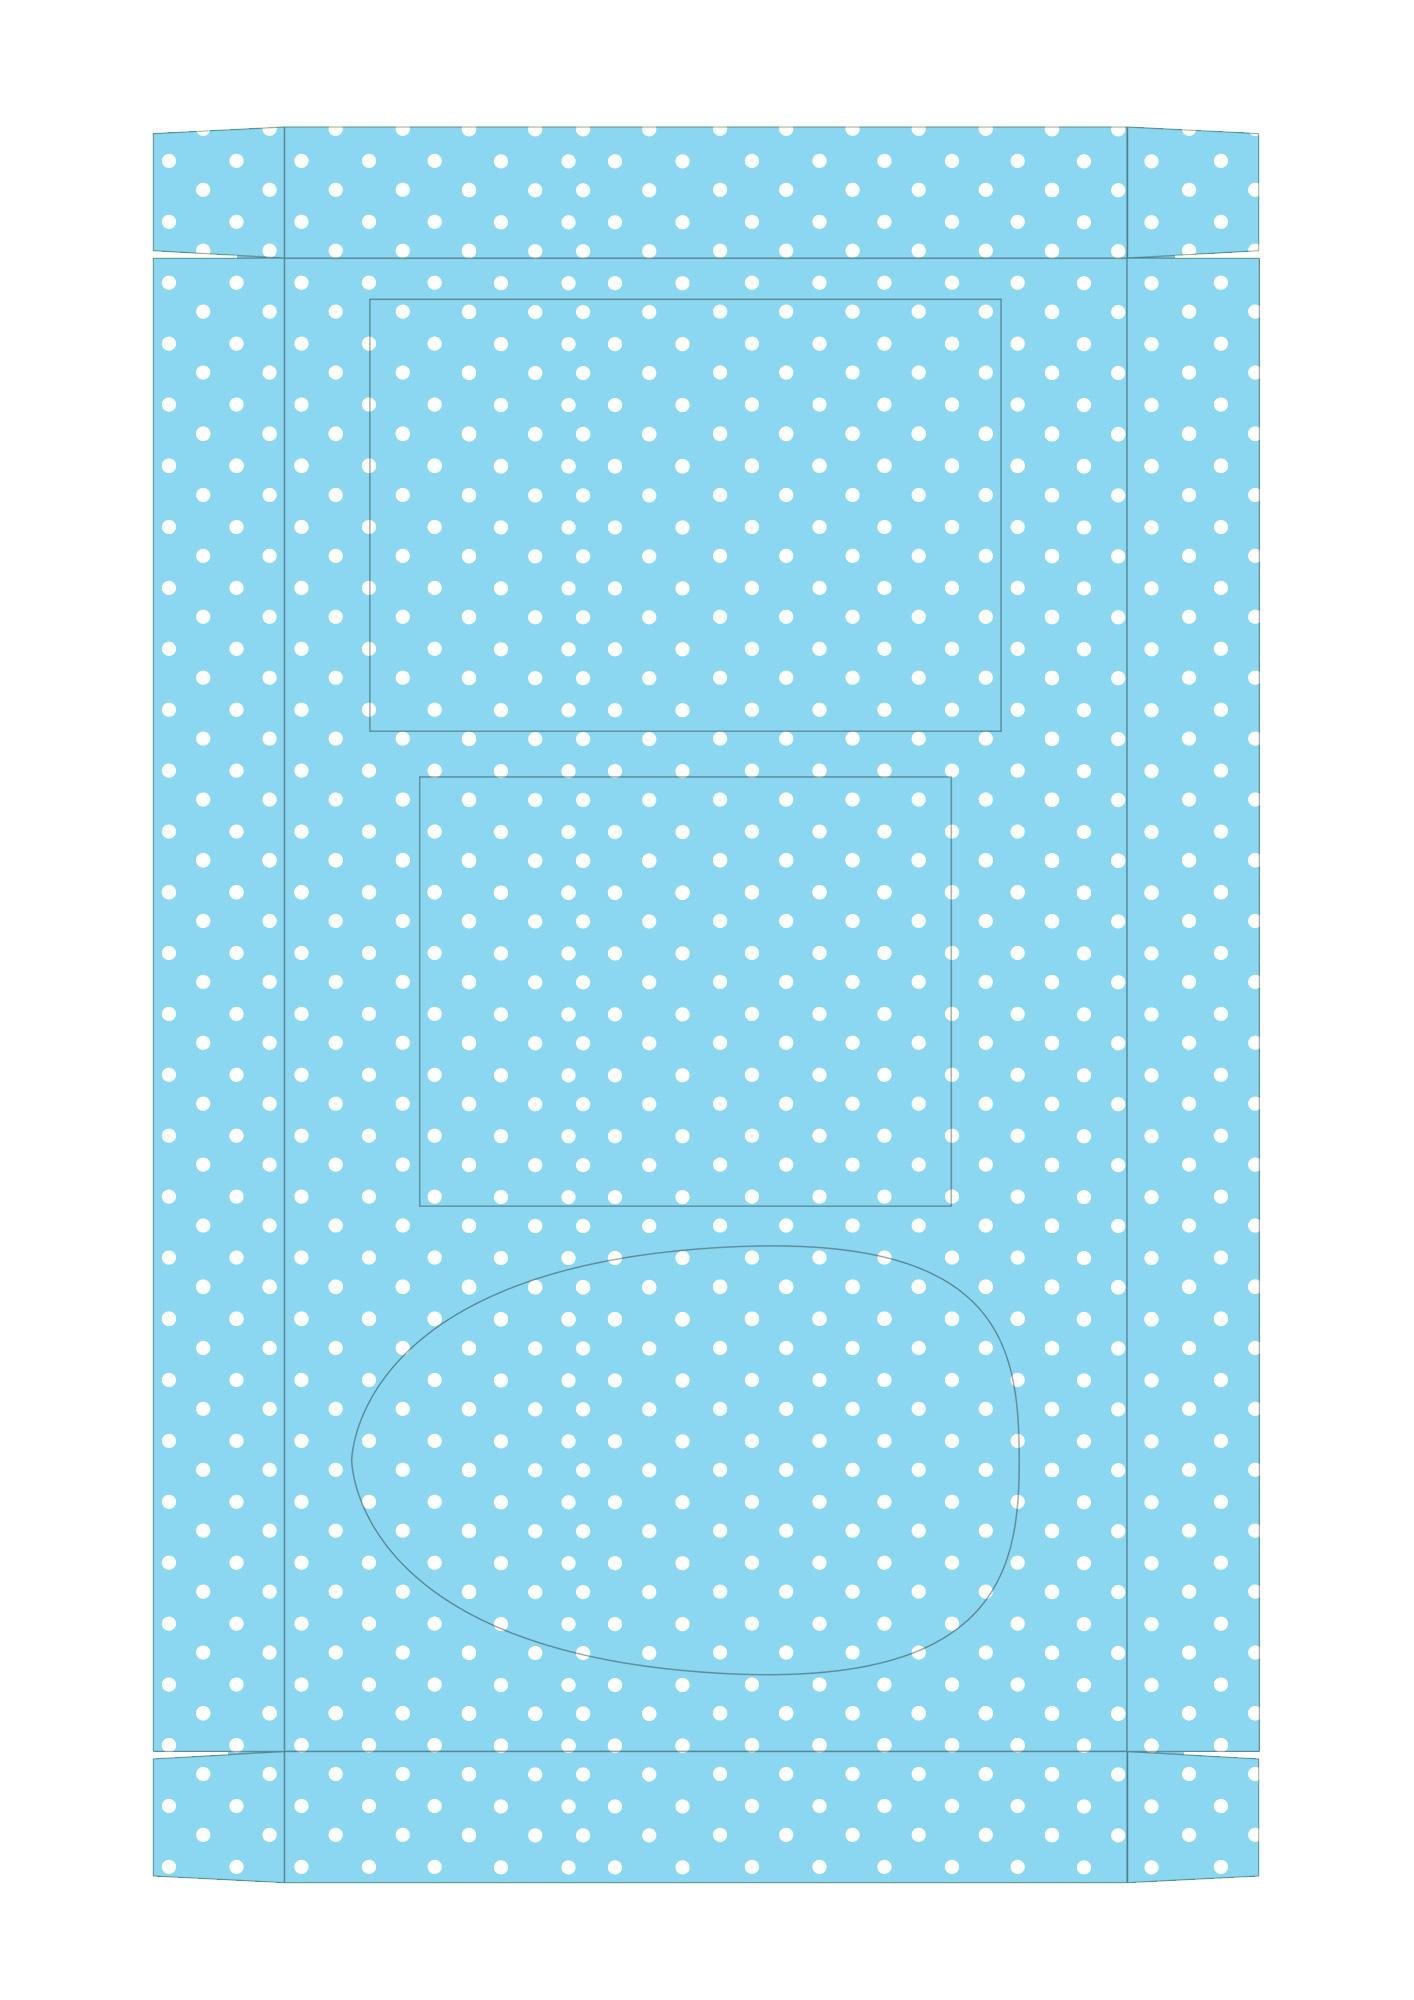 Caixa Kit Mini Confeiteiro para Páscoa 8 - parte de dentro